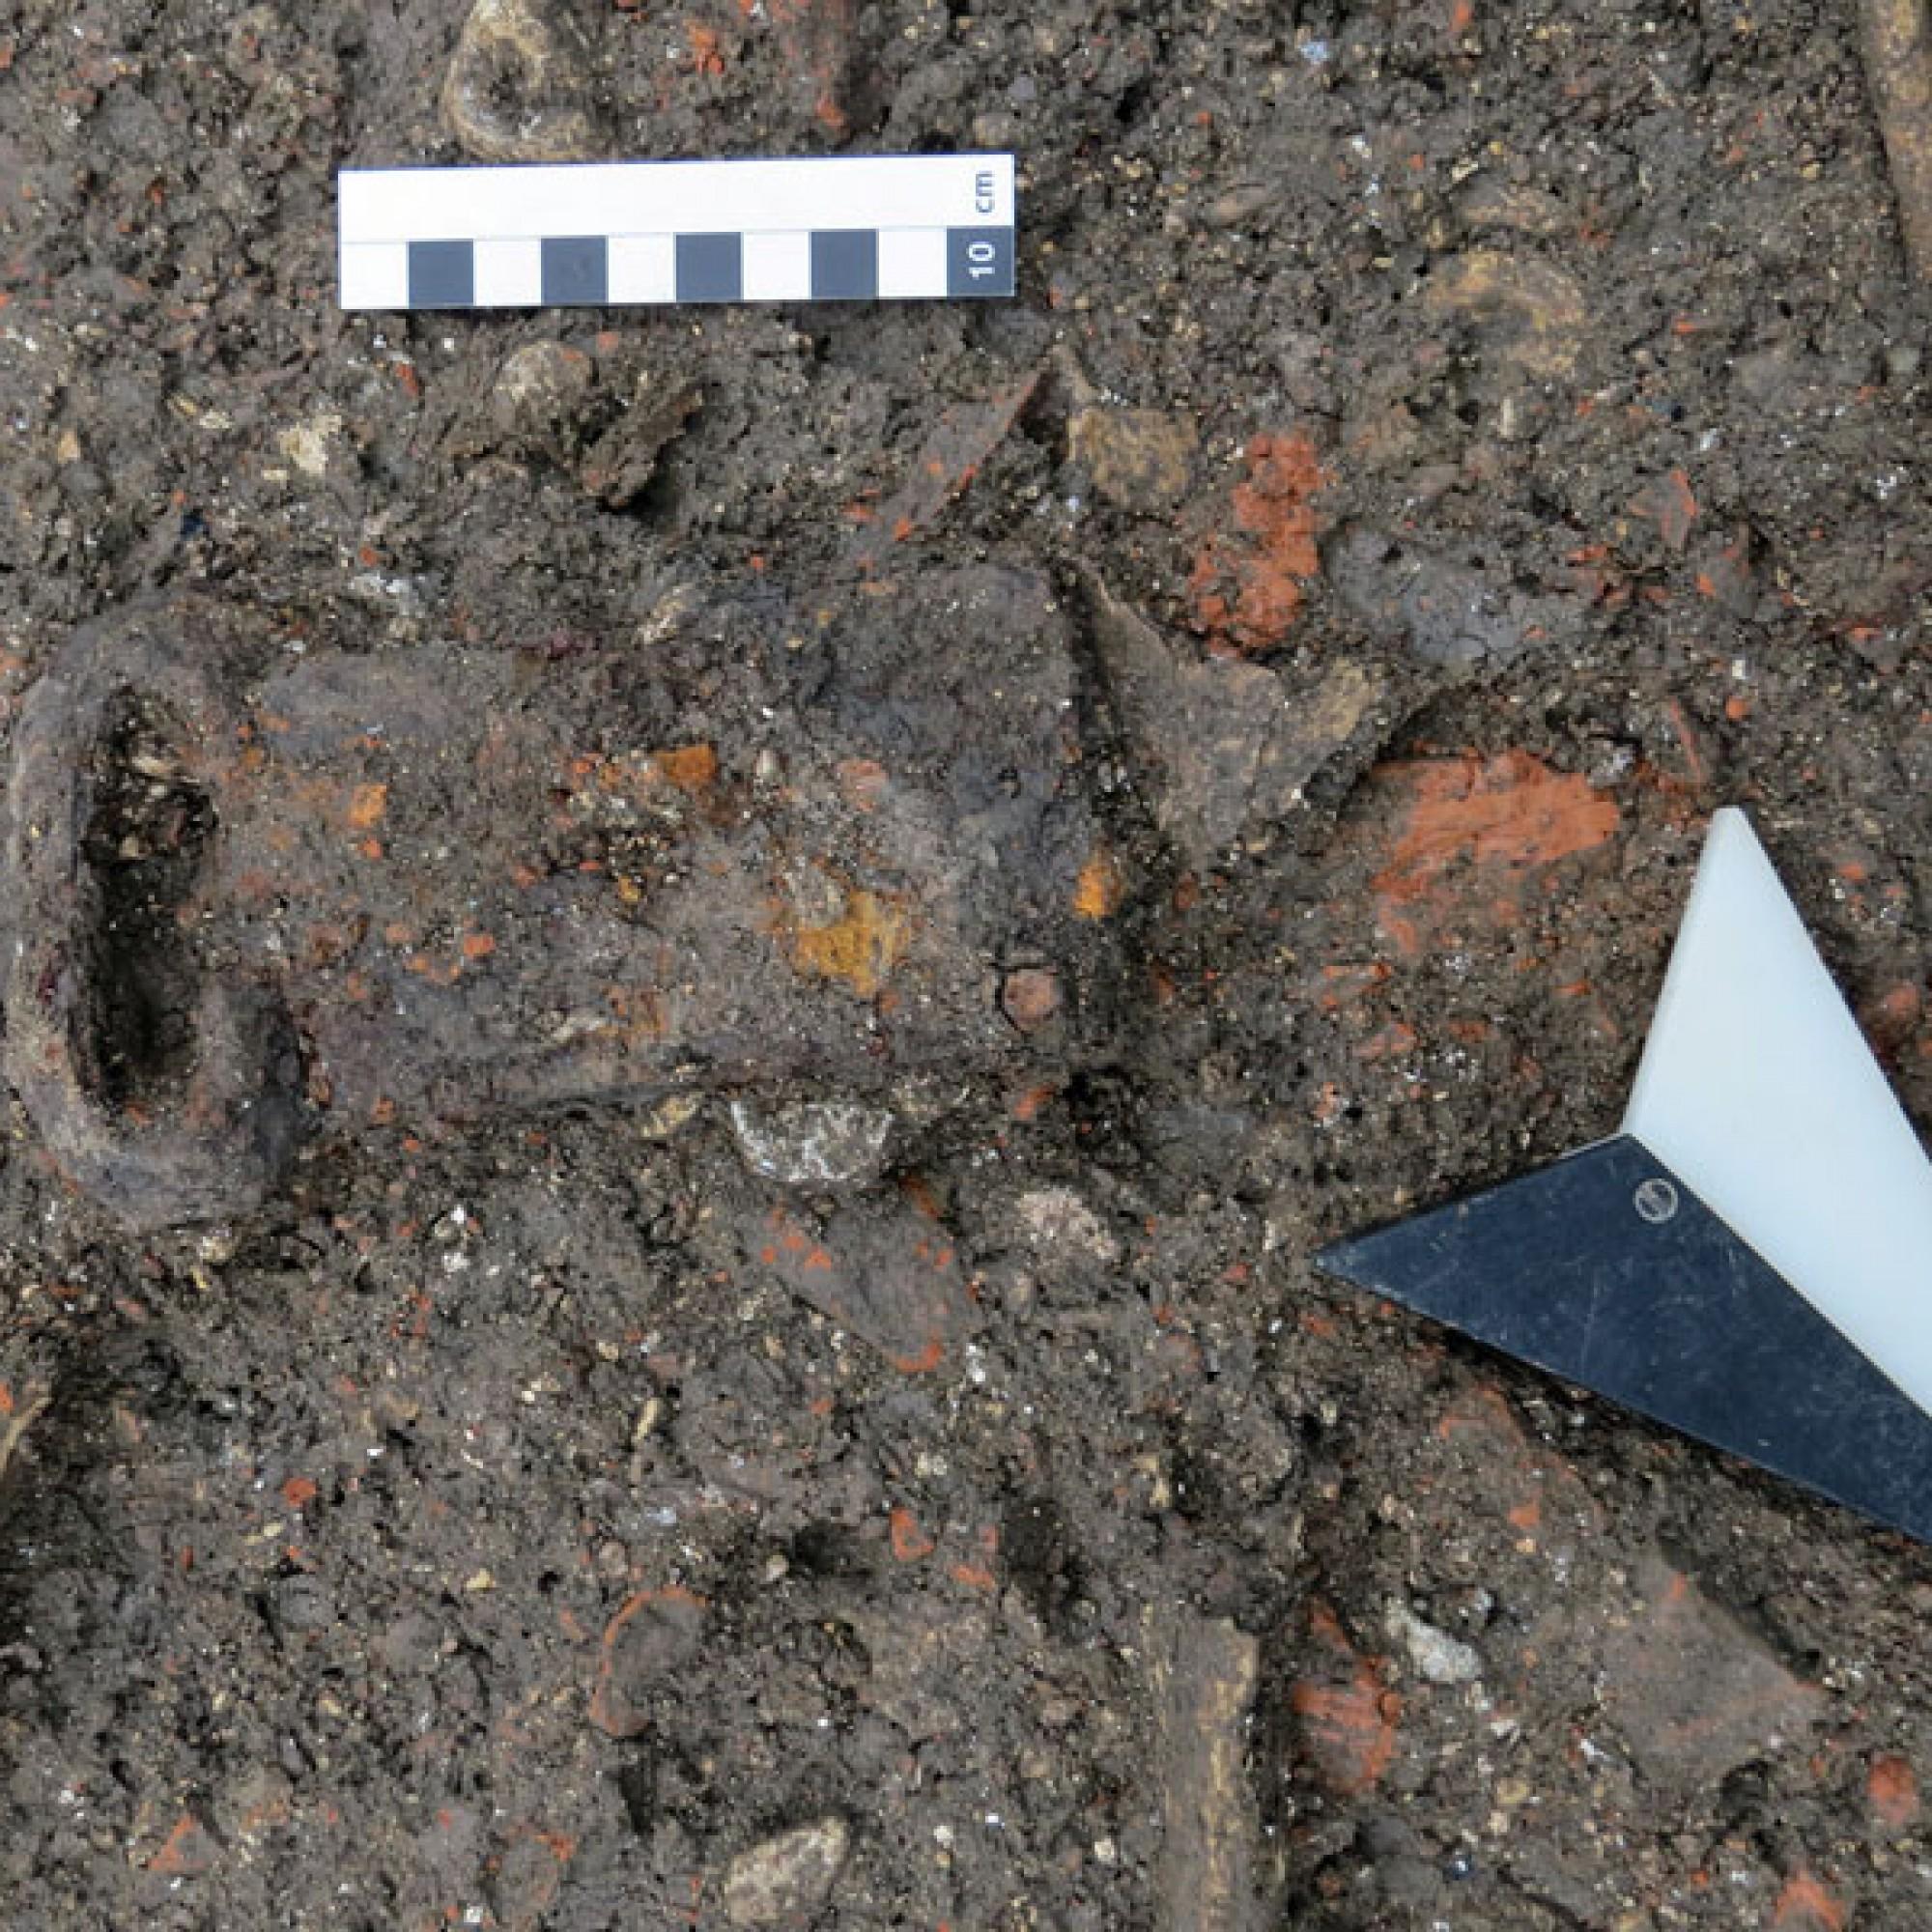 Die gefundene Gurtschnalle im Frauengrab. (Bild: zvg)